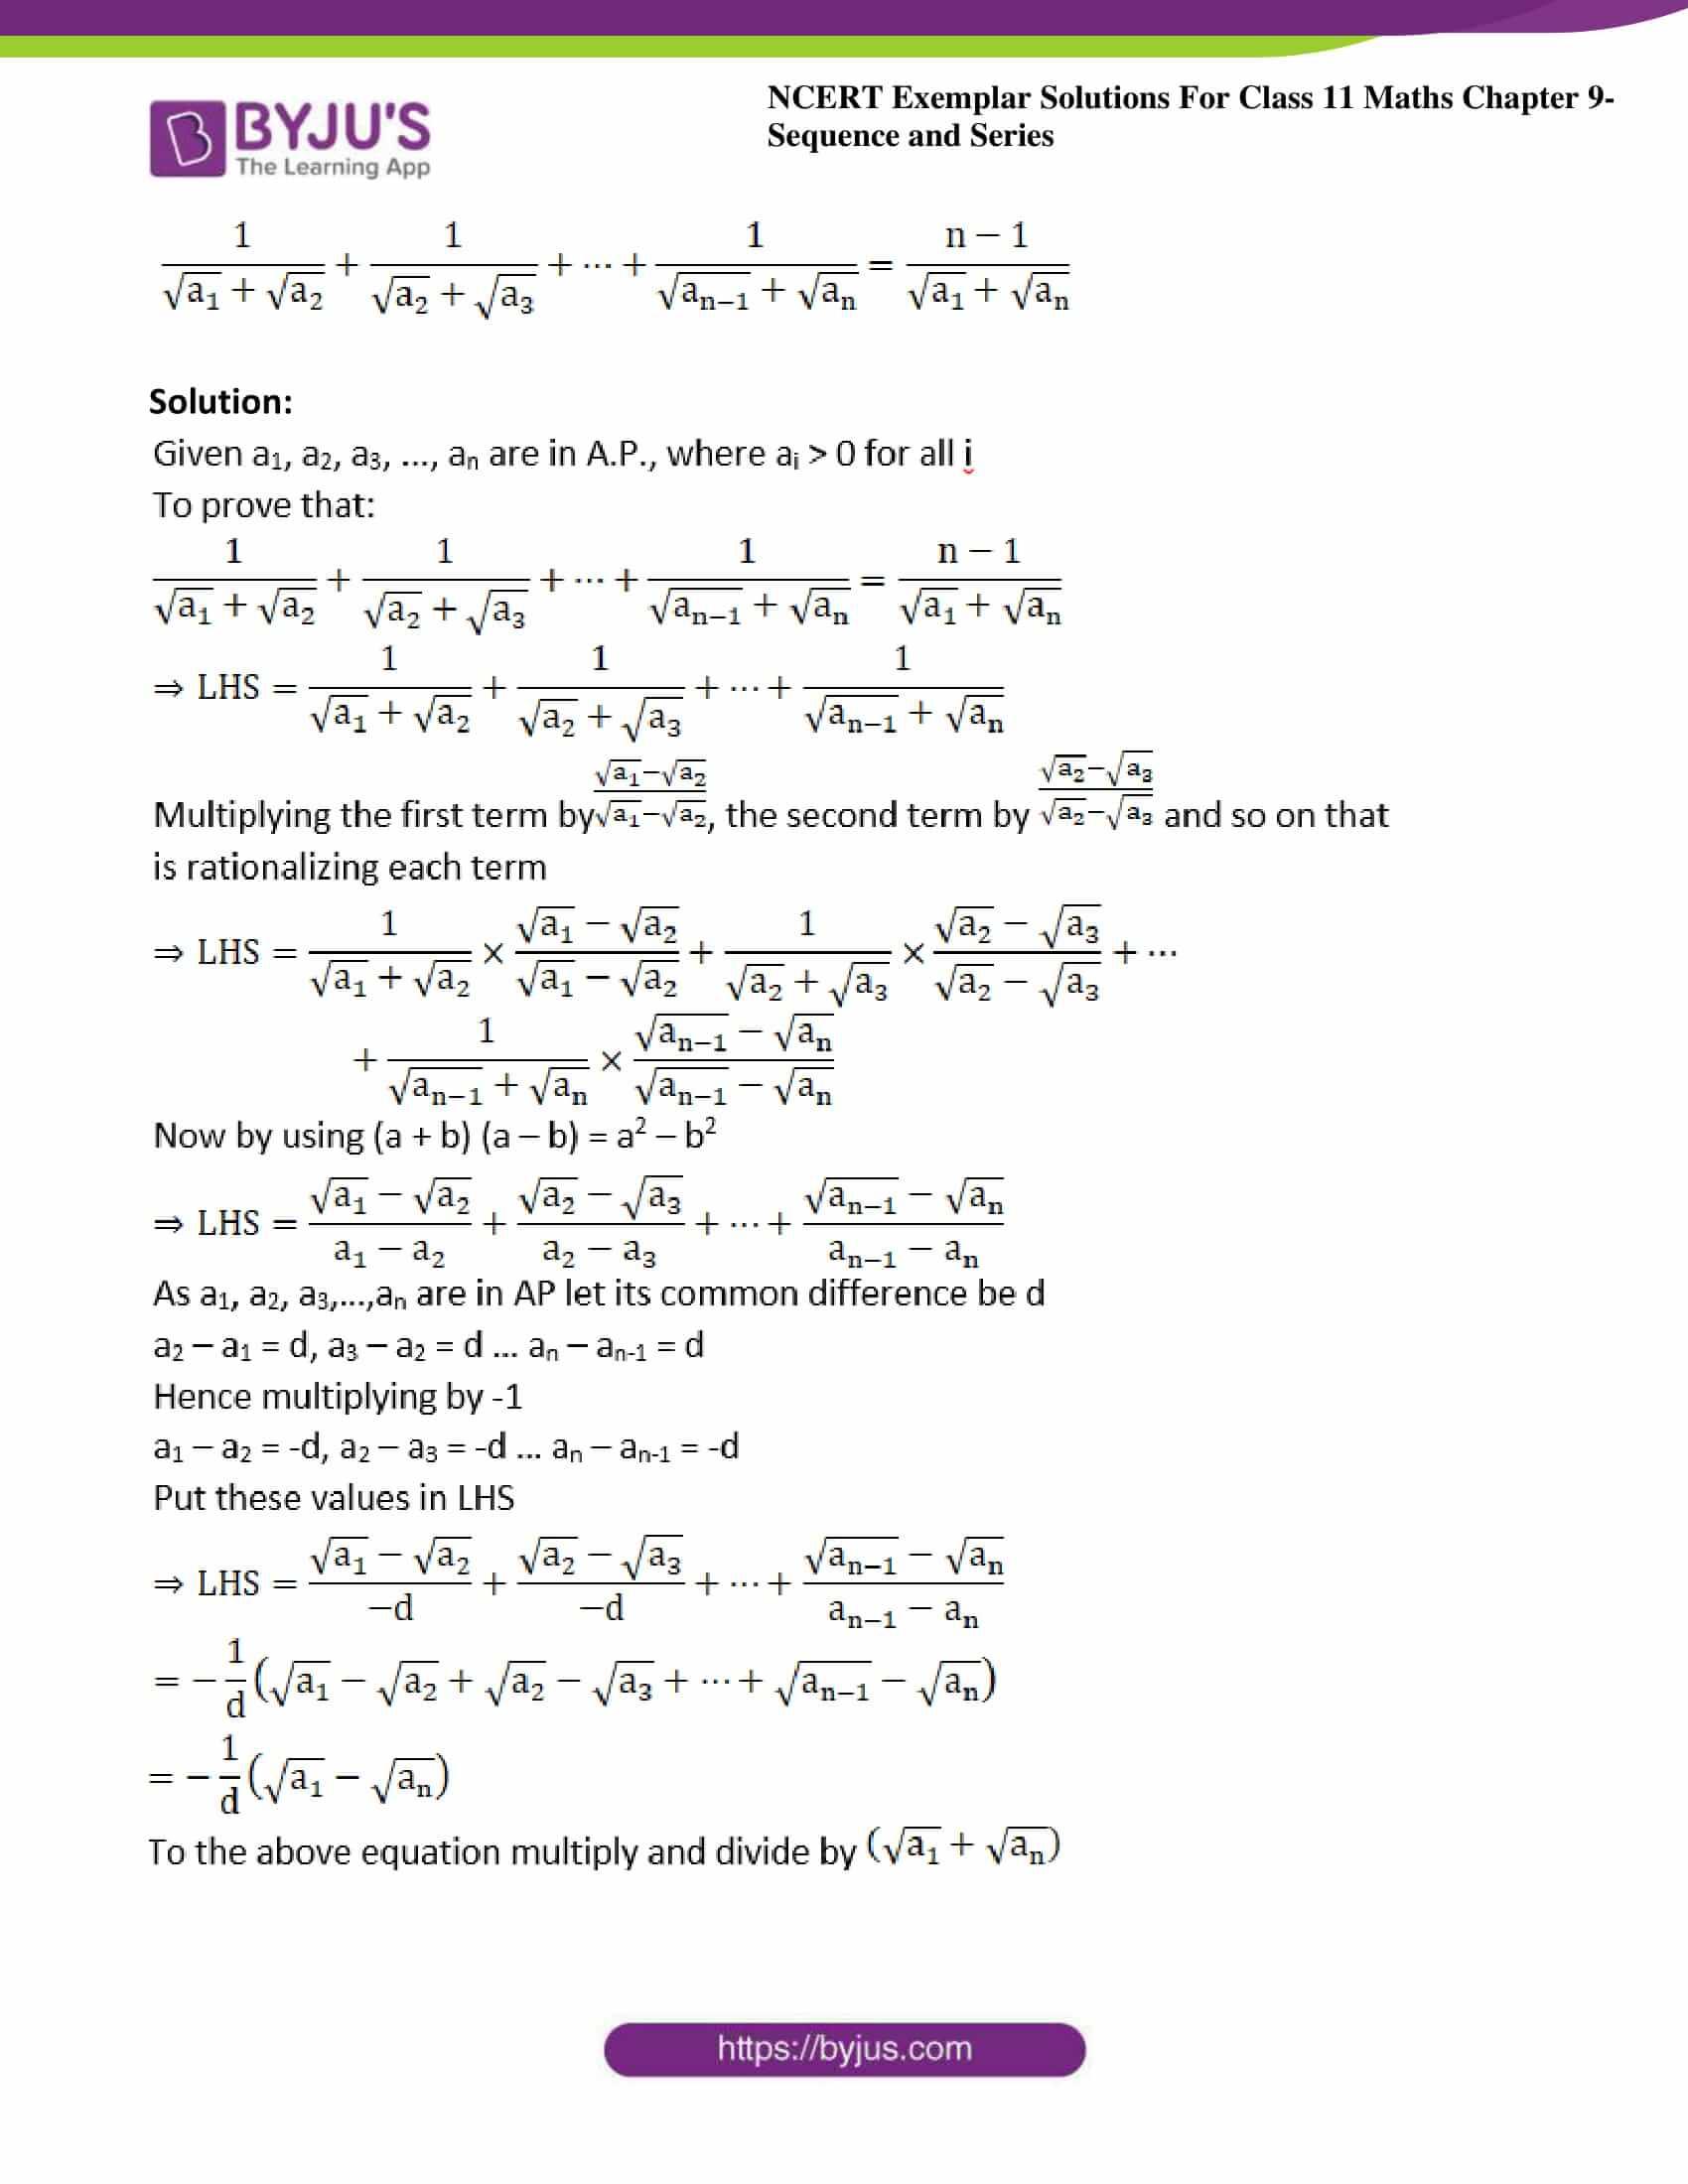 ncert exemplar sol class 11 maths chpt 9 sequence 10